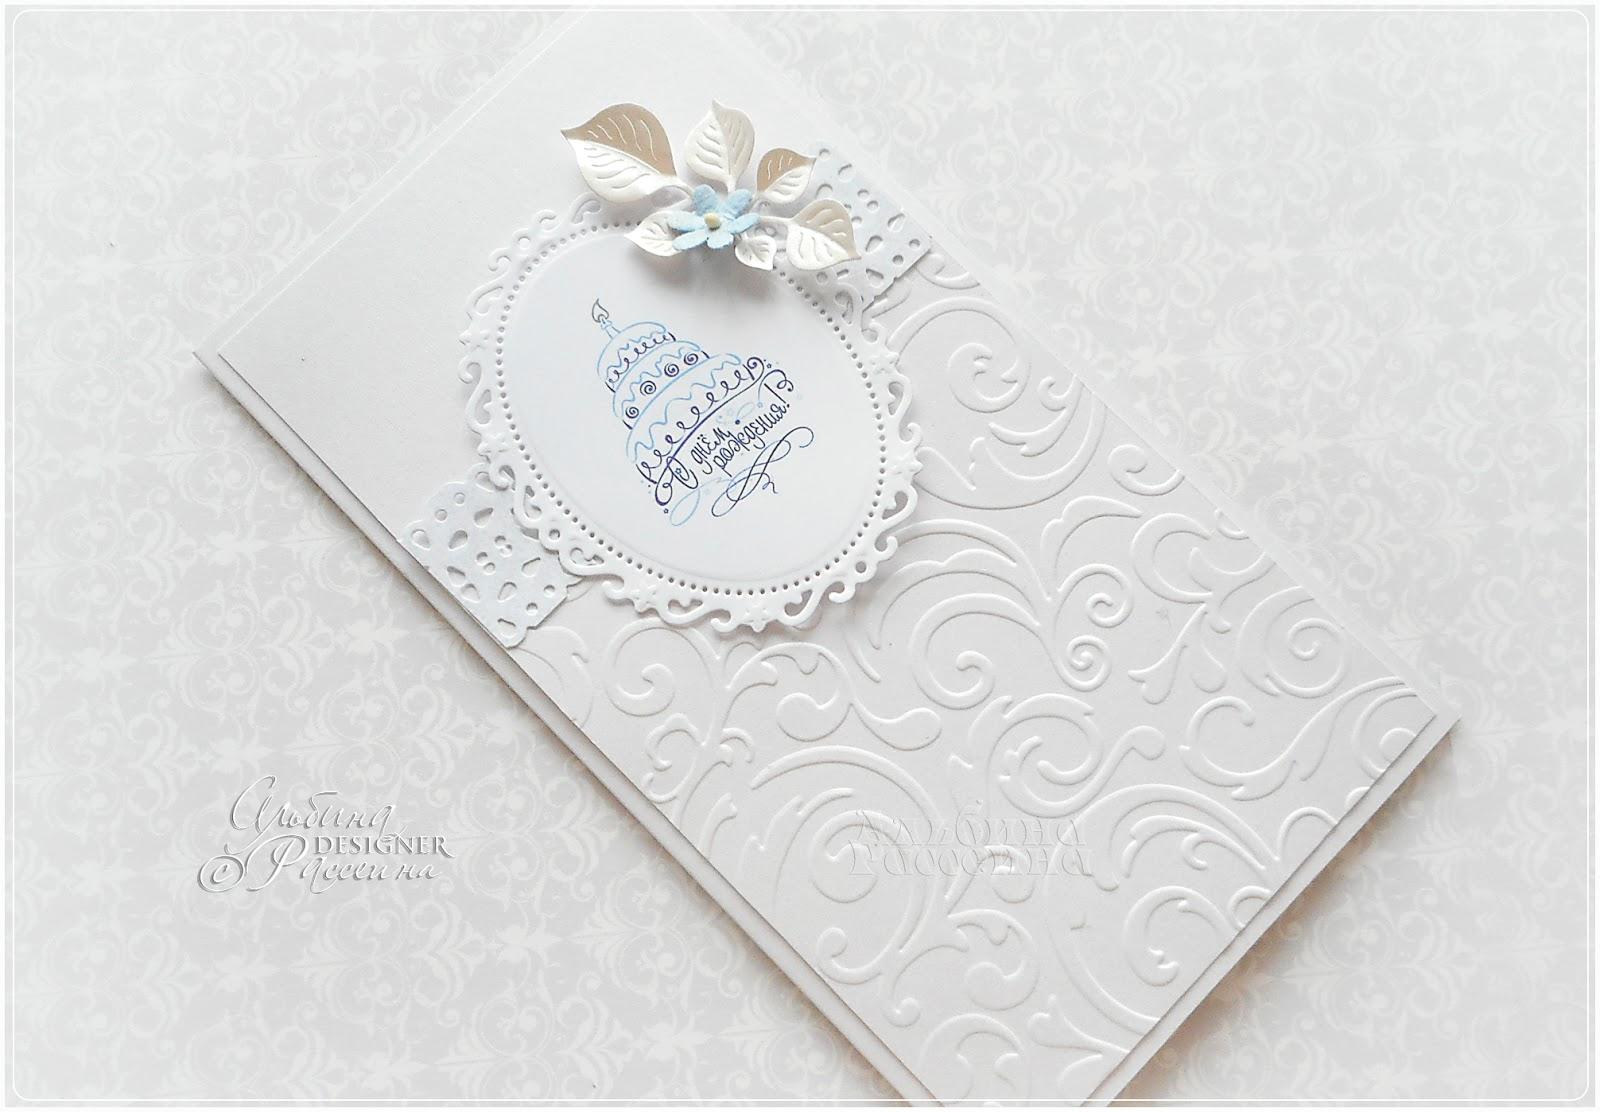 Сваденая открытка ручной работы в подарок в день свадьбы.